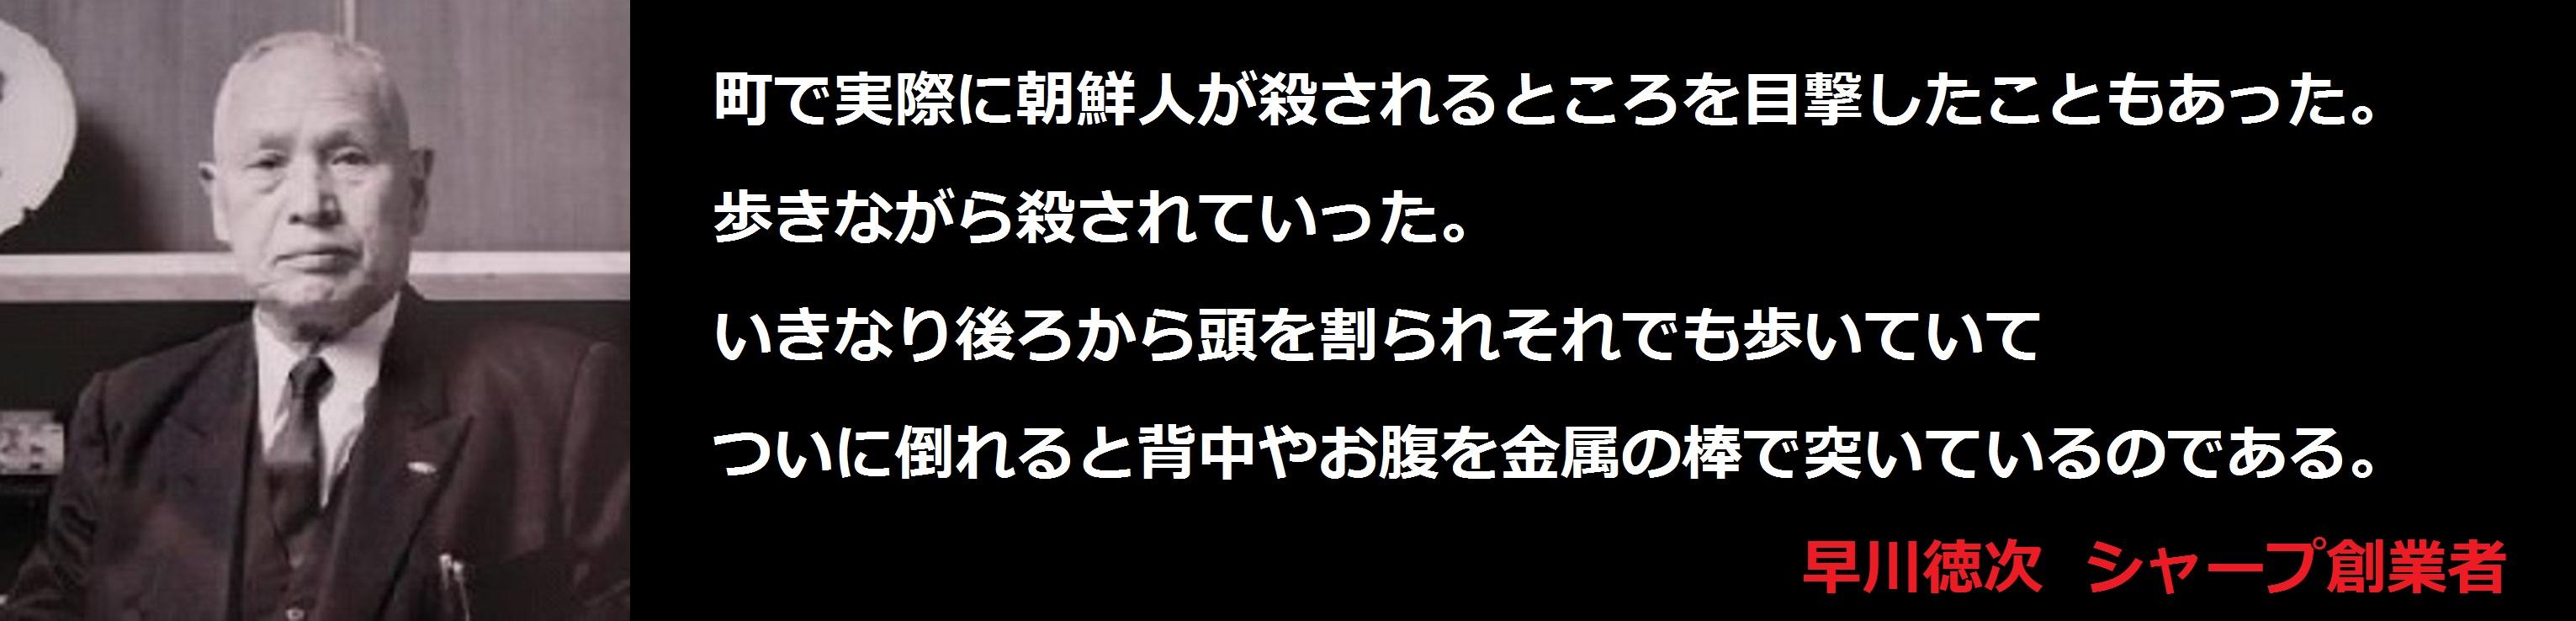 f:id:JAPbuster:20170419092518j:plain